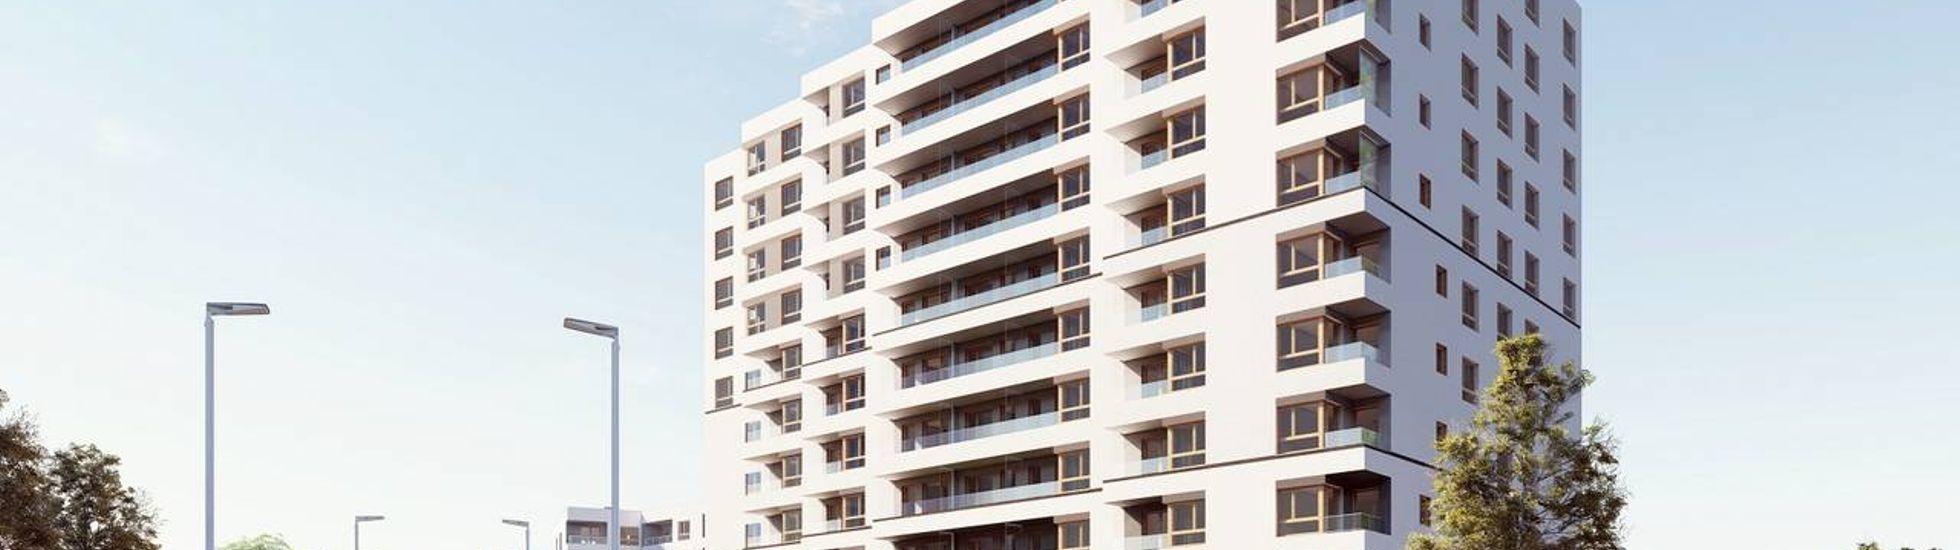 Warszawa: Apartamenty Oszmiańska 20 – Home Invest buduje na granicy Pragi-Północ i Targówka